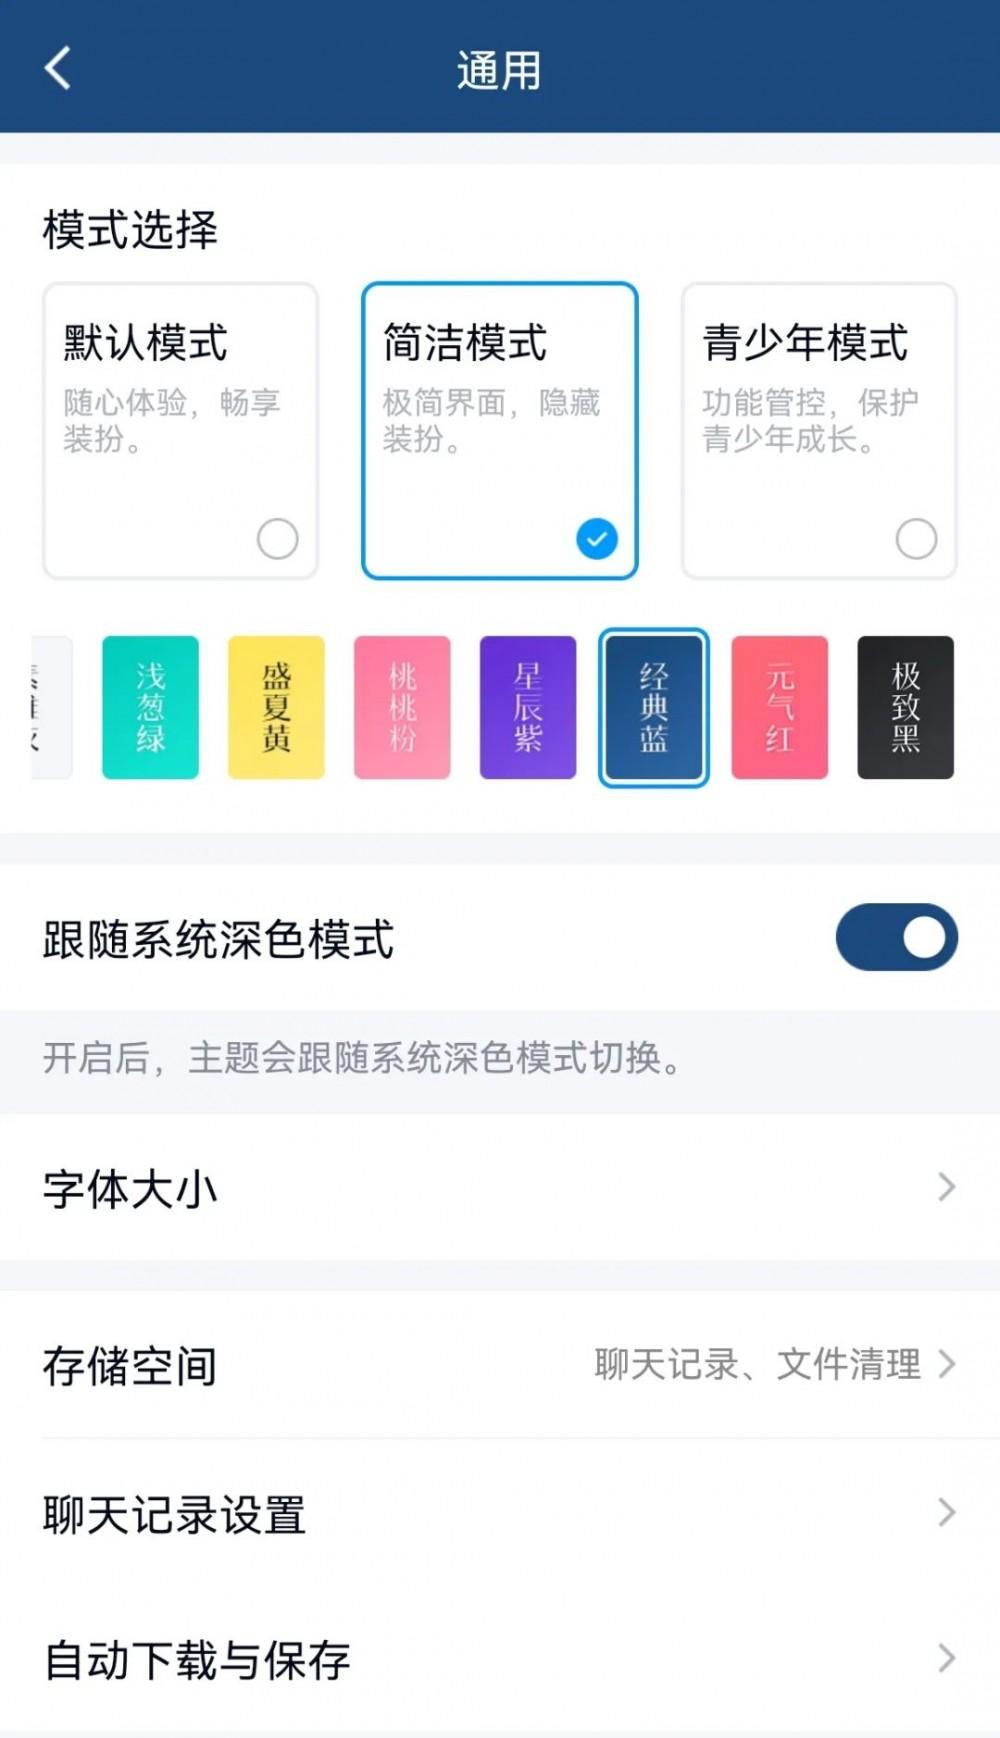 手机QQ极速版将停止更新(下载最新的手机QQ,体验全新的简洁模式)插图(1)